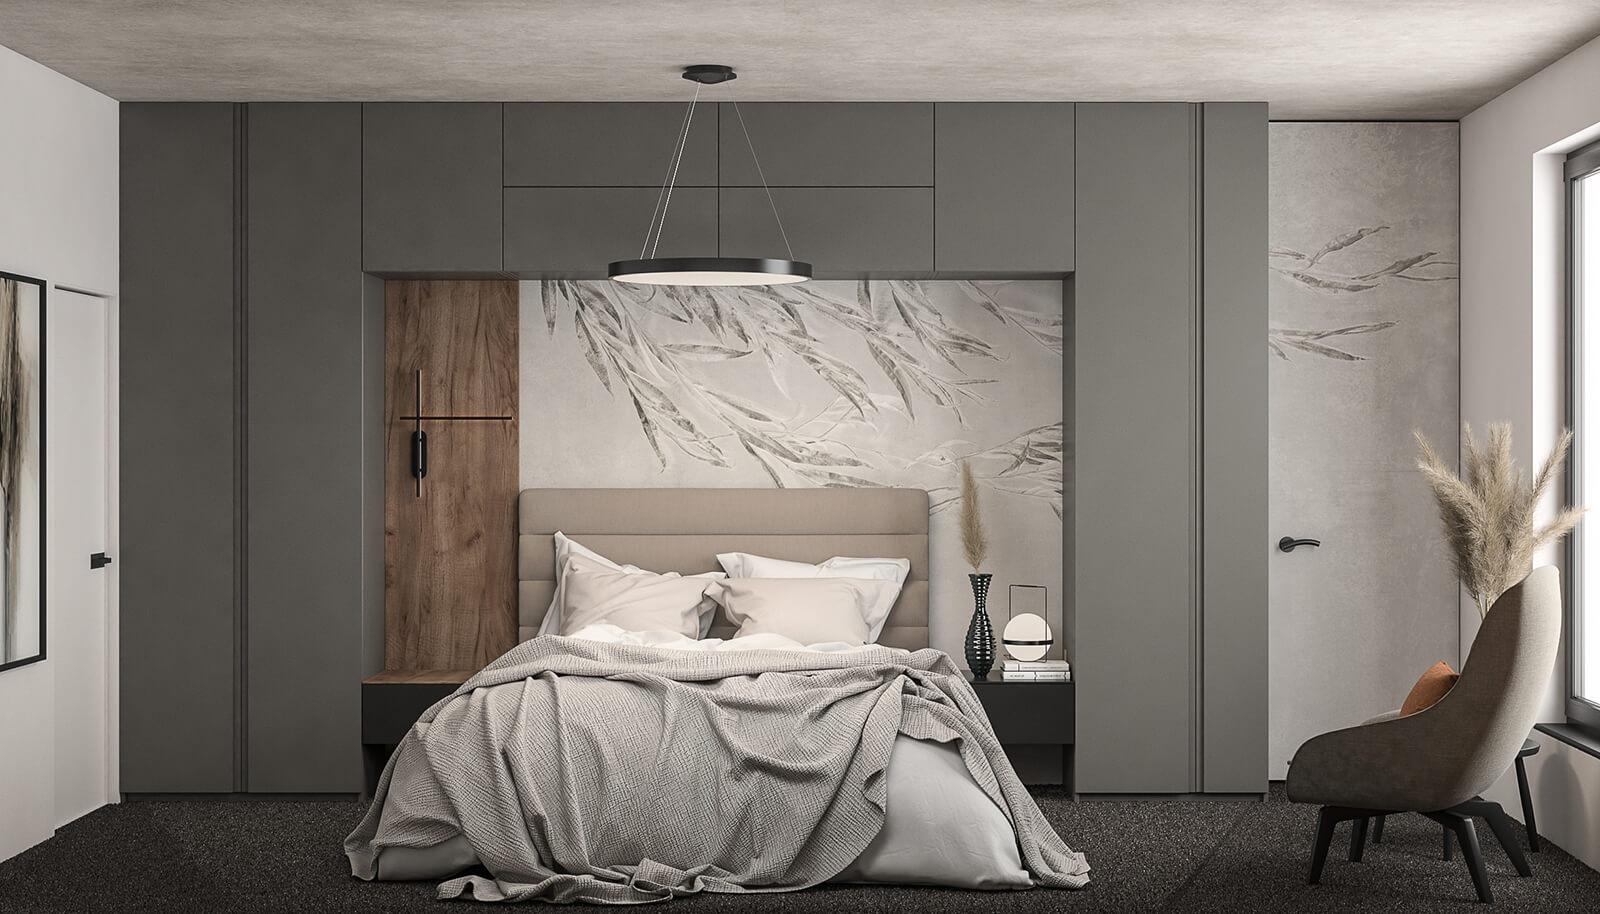 interioren-dizain-proekt-na-spalnya-verde-by-esteta (1)